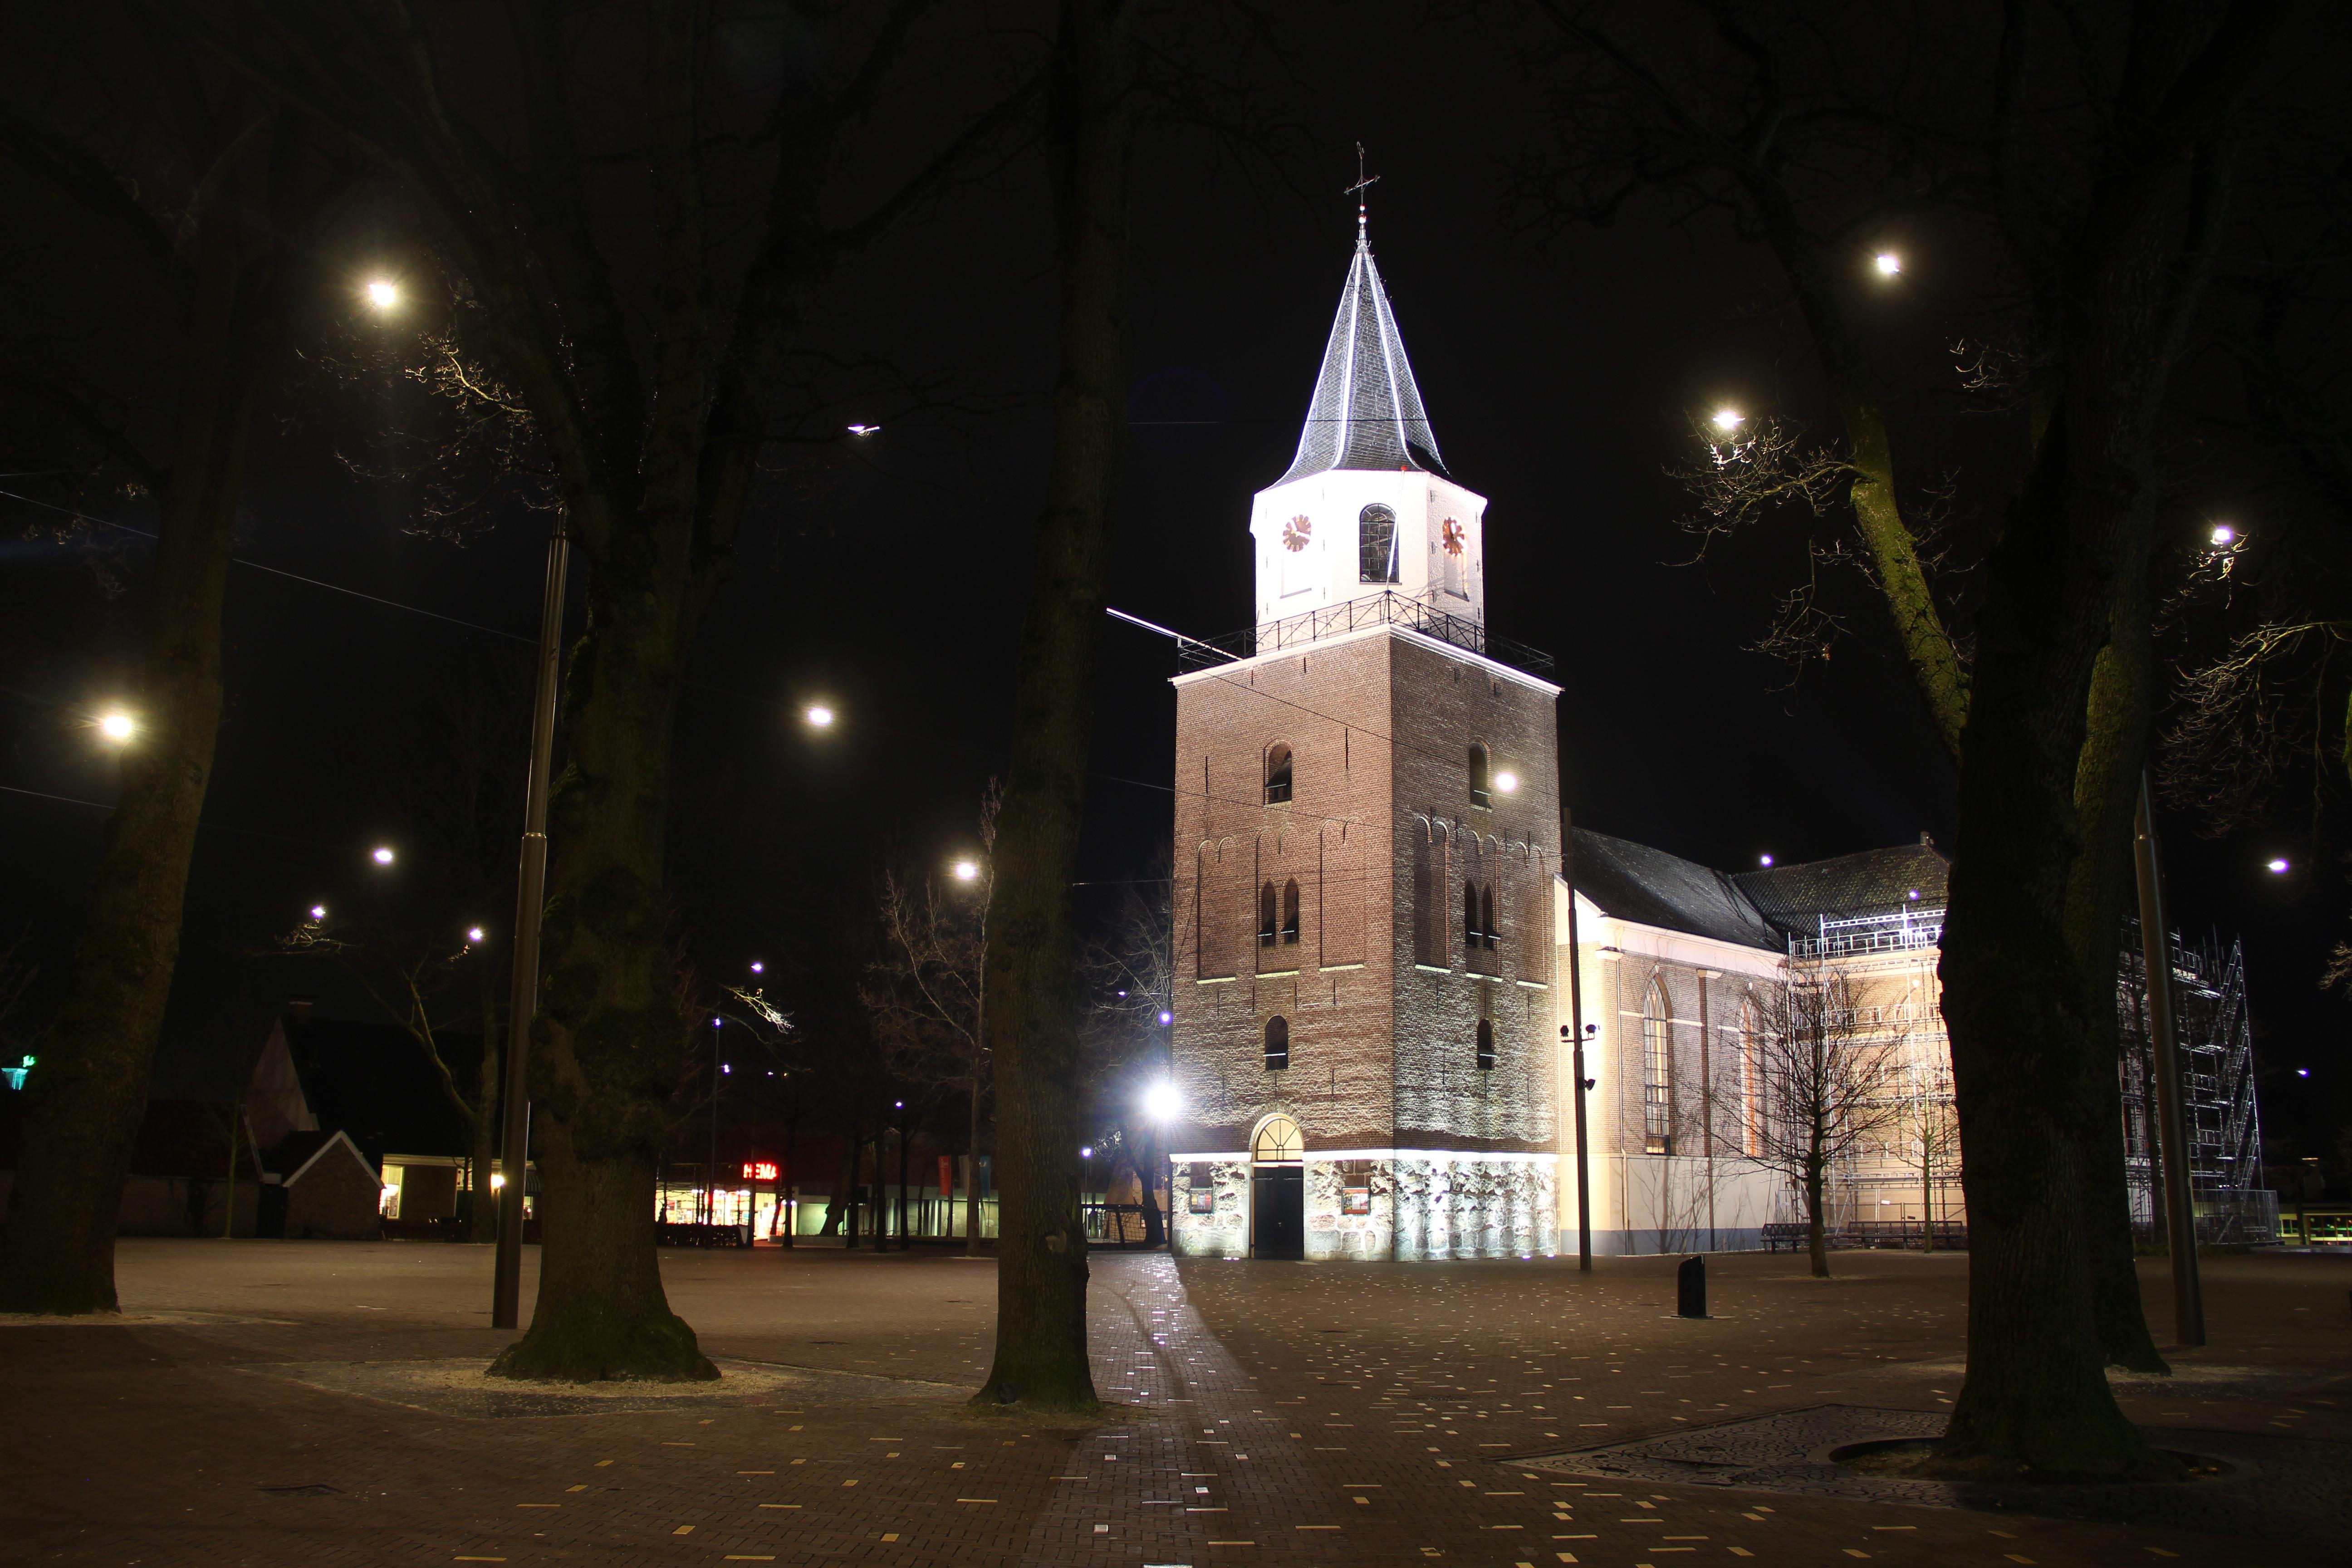 Grote_of_Pancratiuskerk_-_Emmen_(2016).JPG